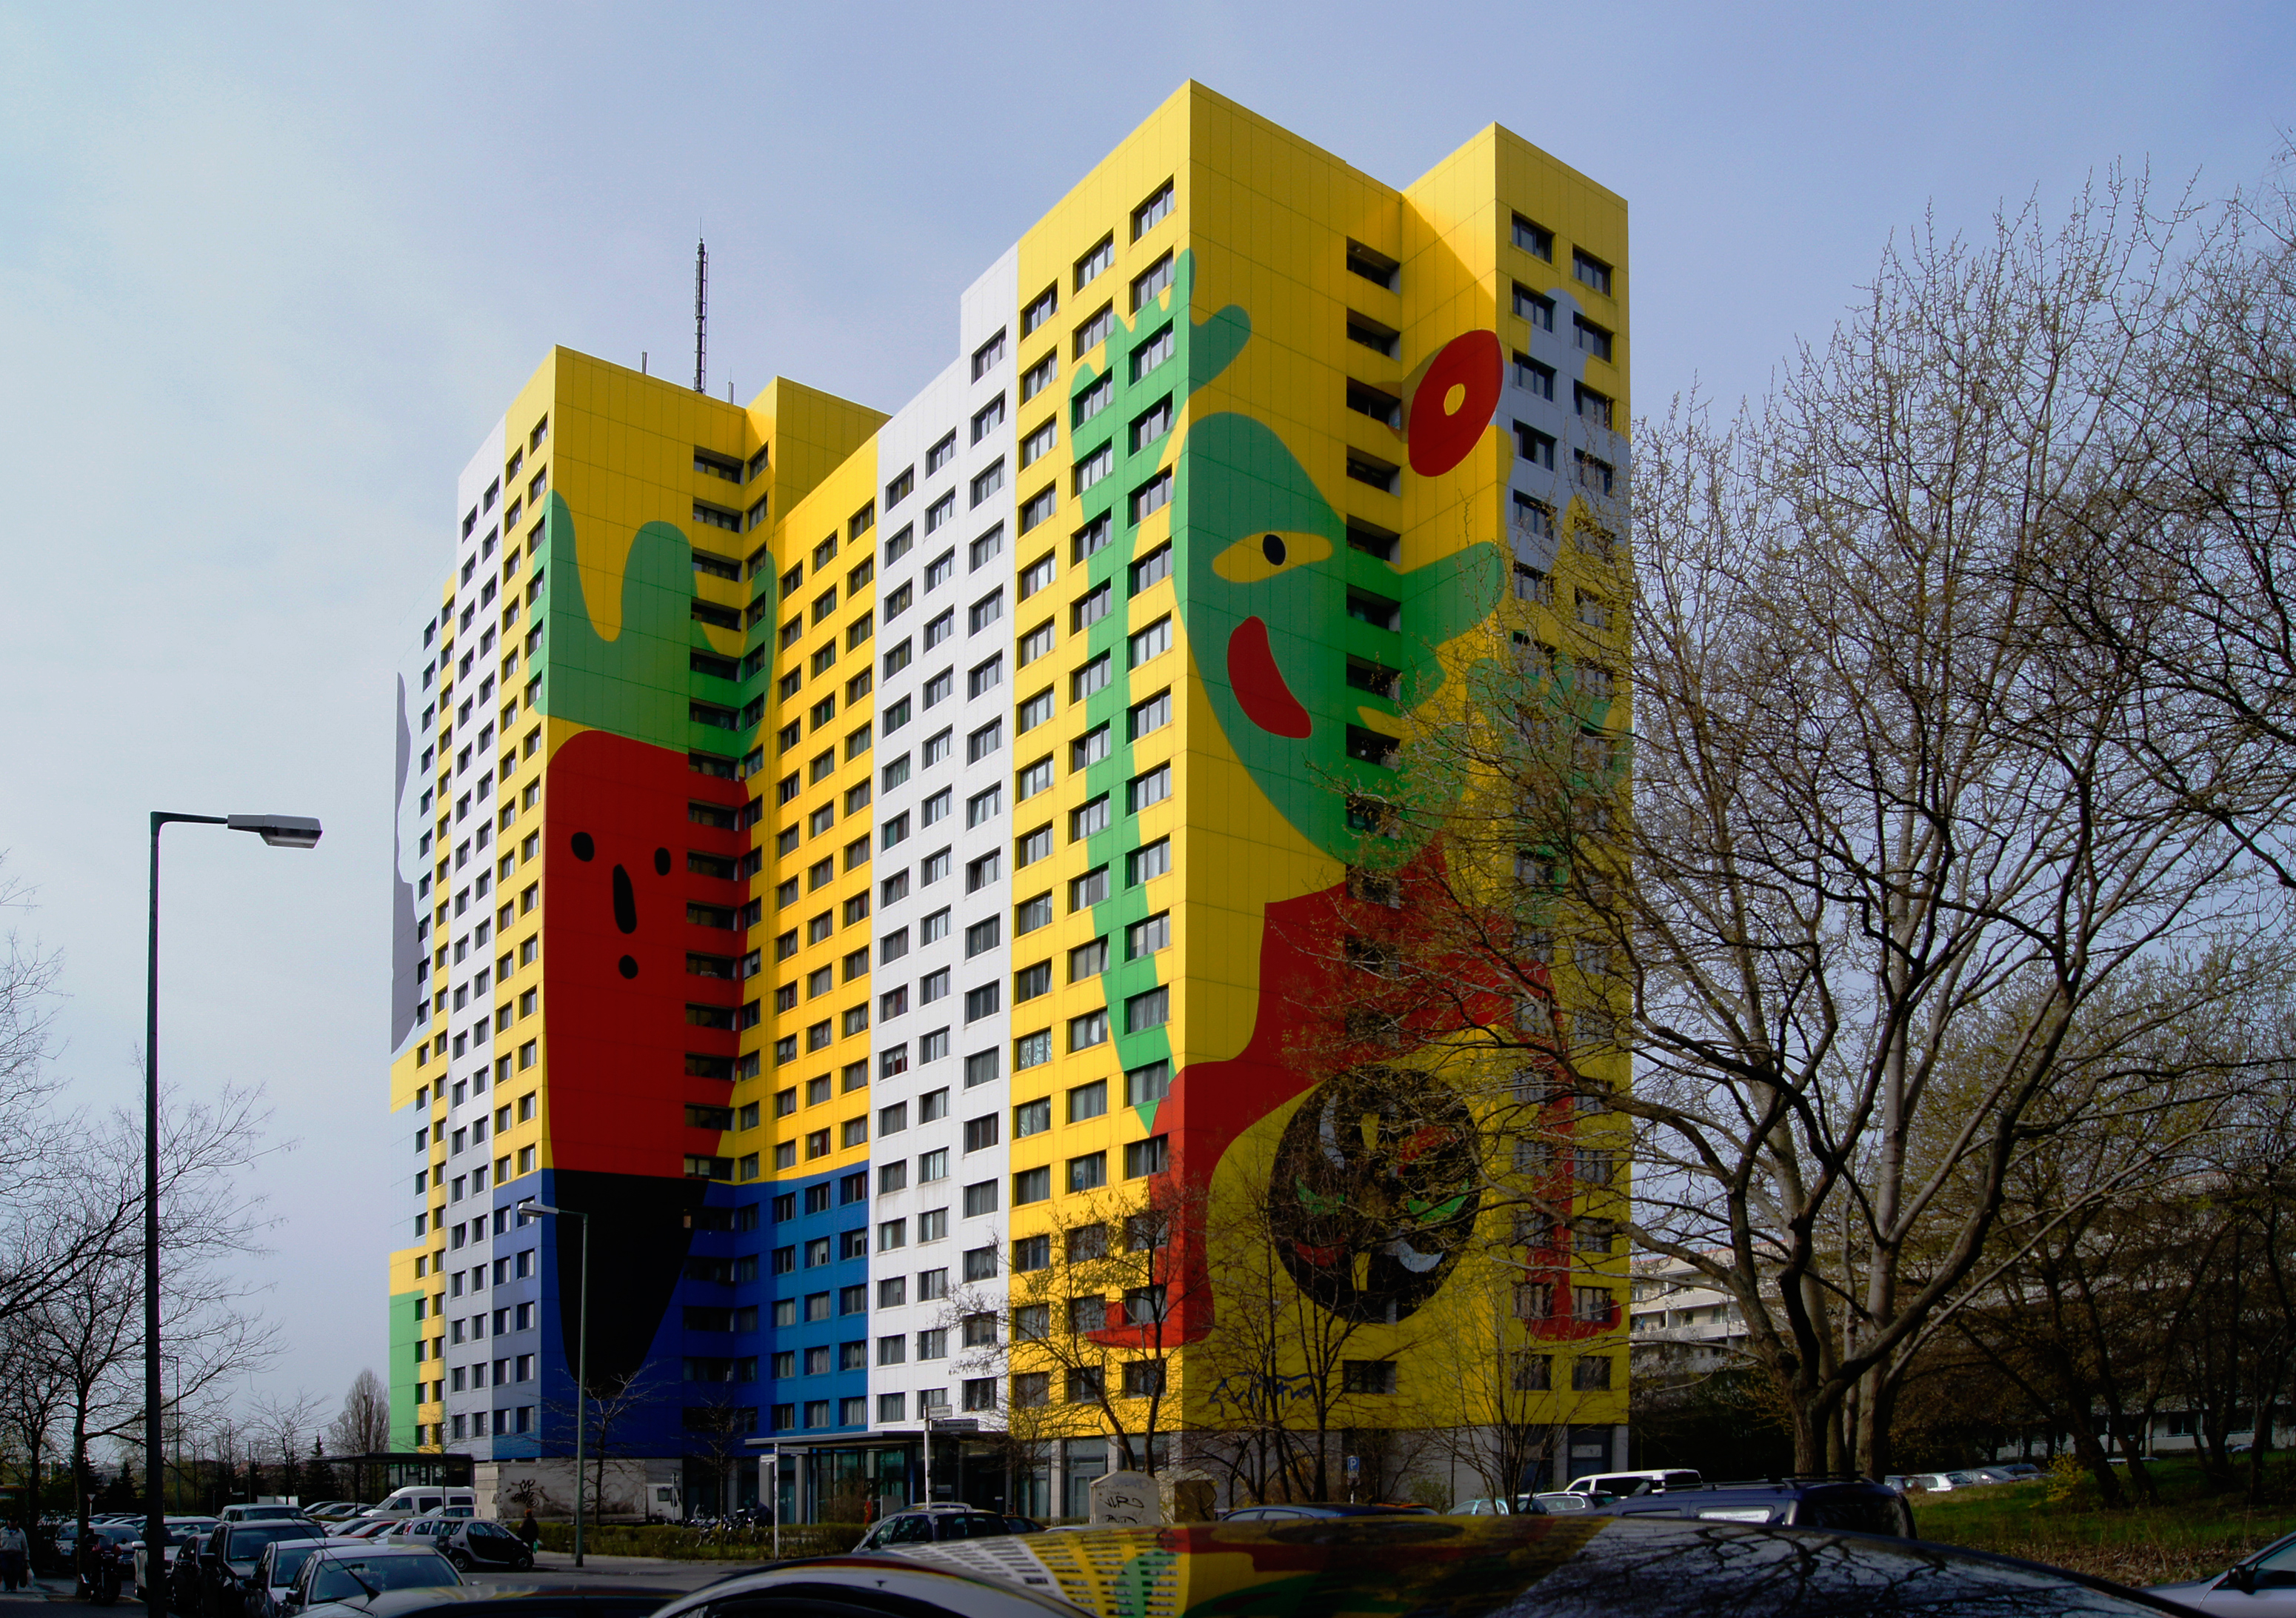 поисках оформление фасадов жилых многоэтажных зданий фото стал исчезать